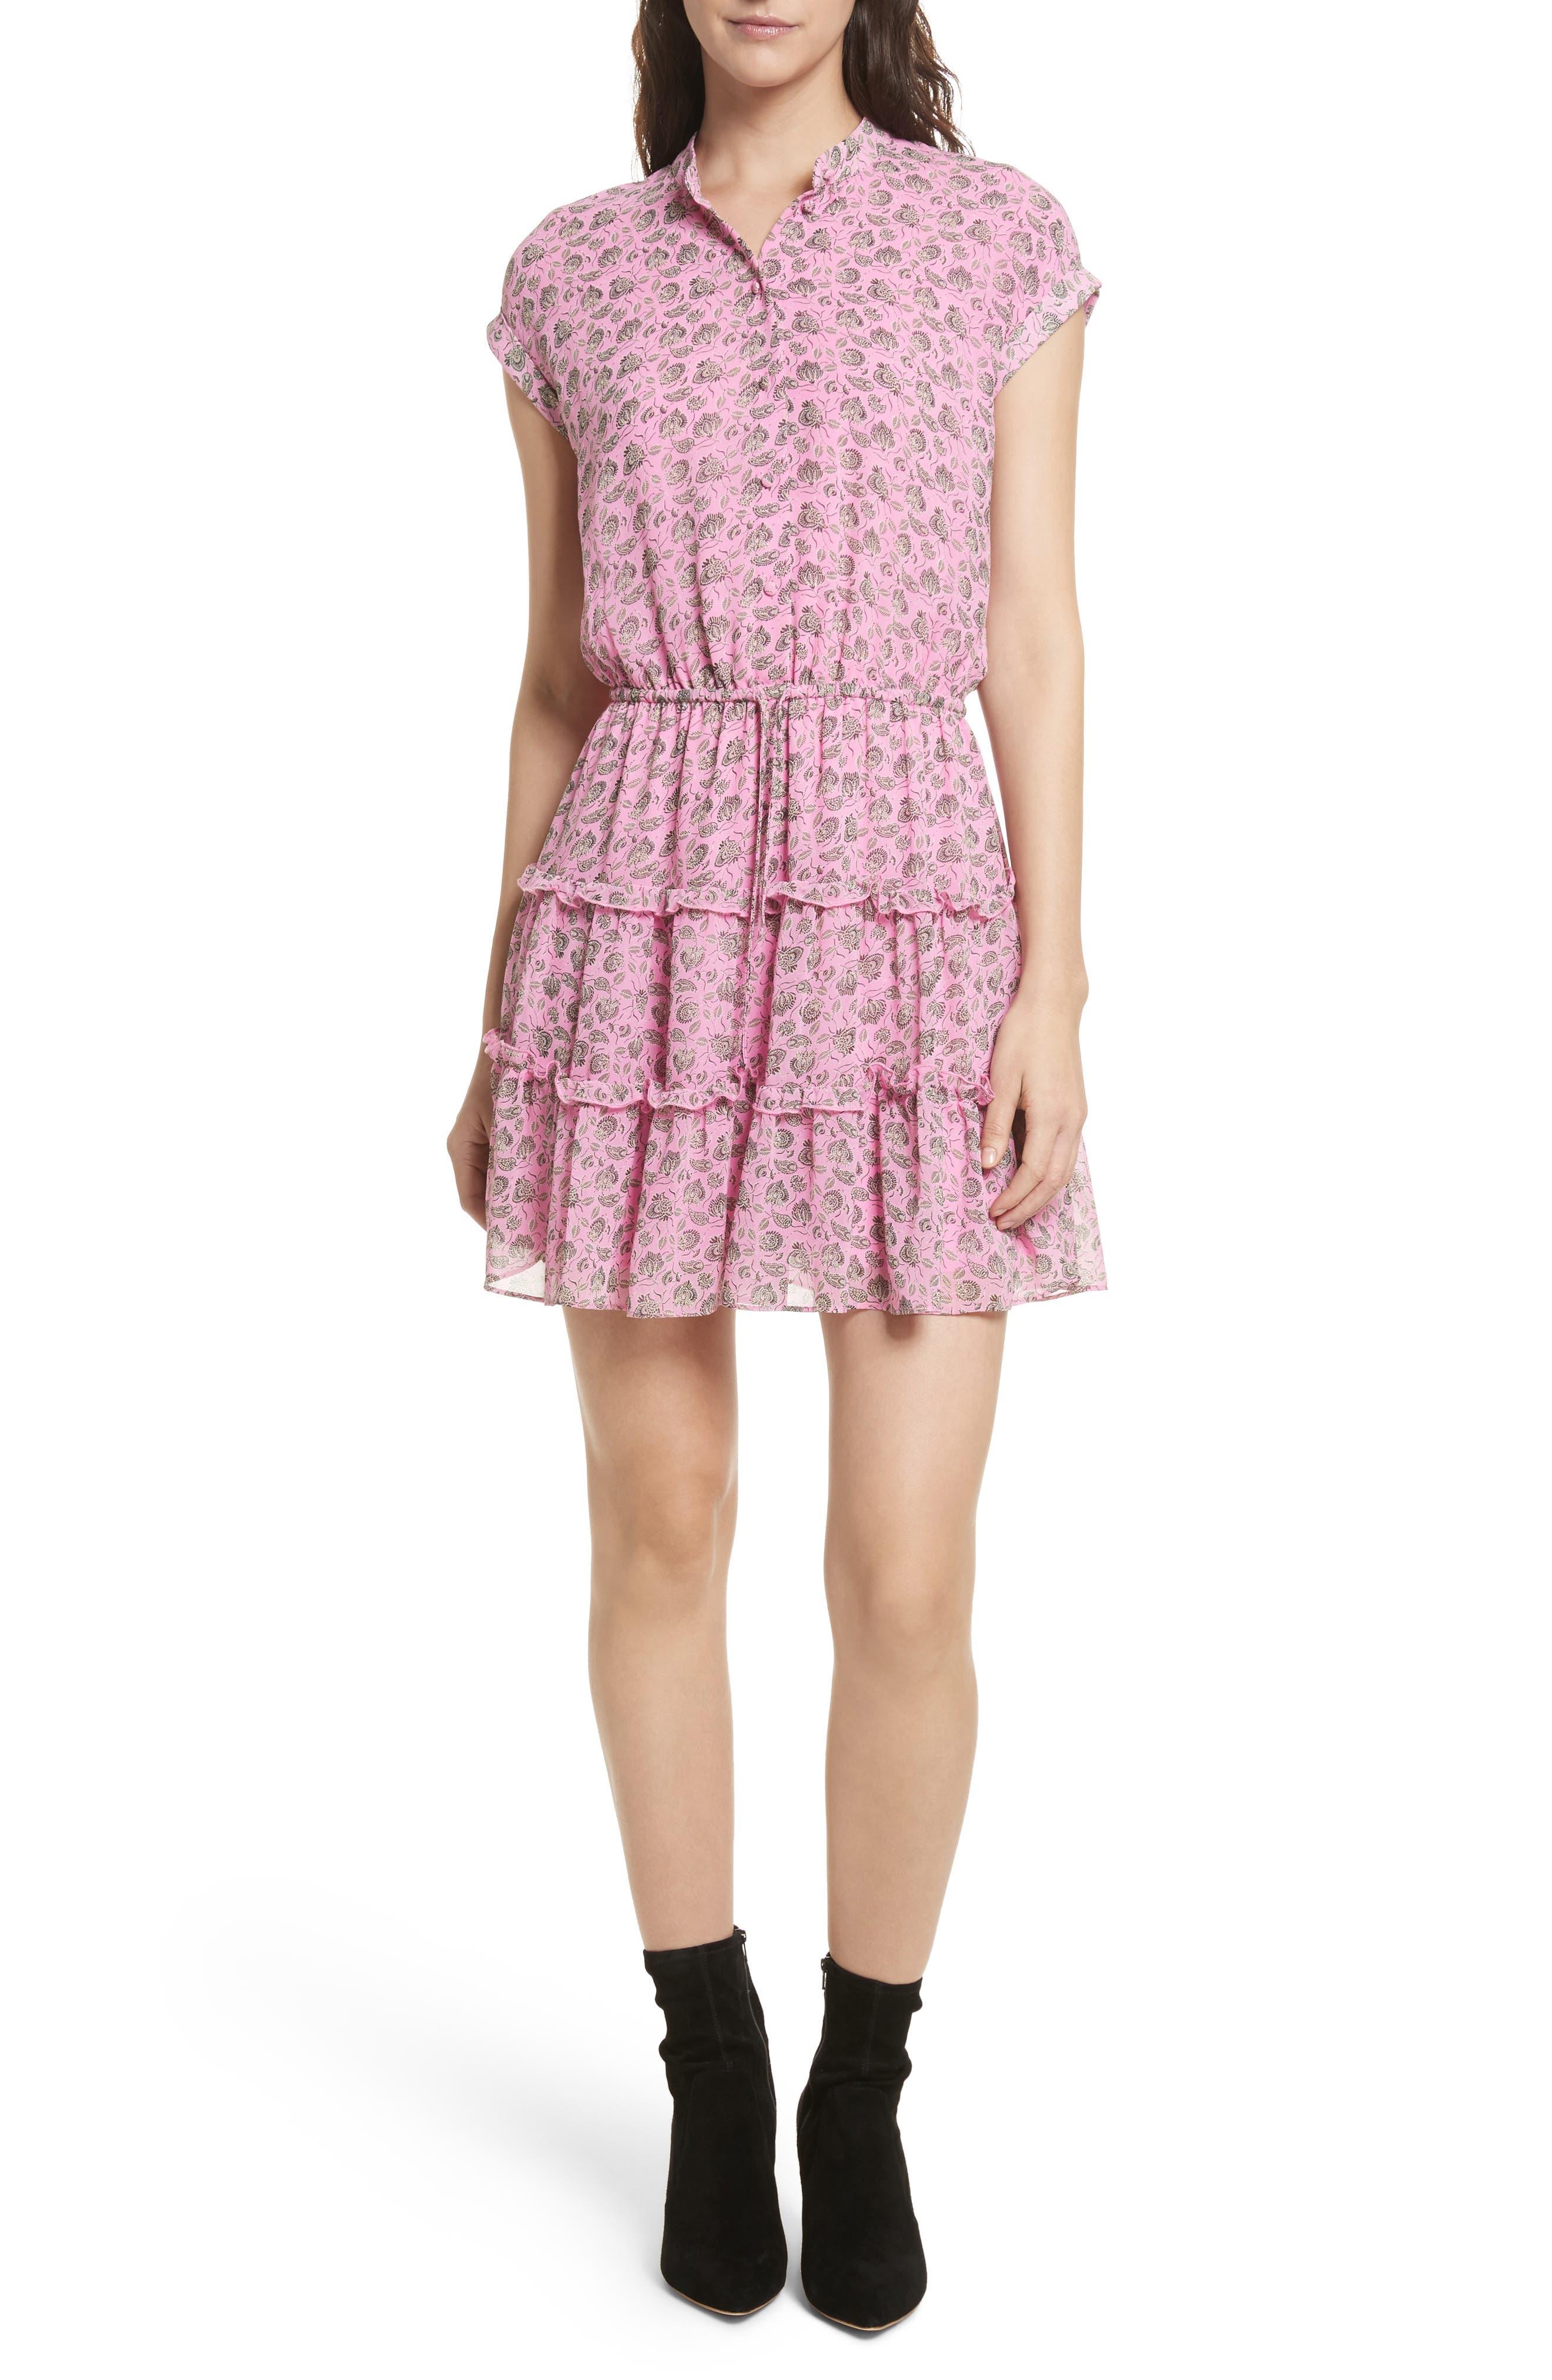 Ollie Dress,                         Main,                         color, Fuchsia Multi